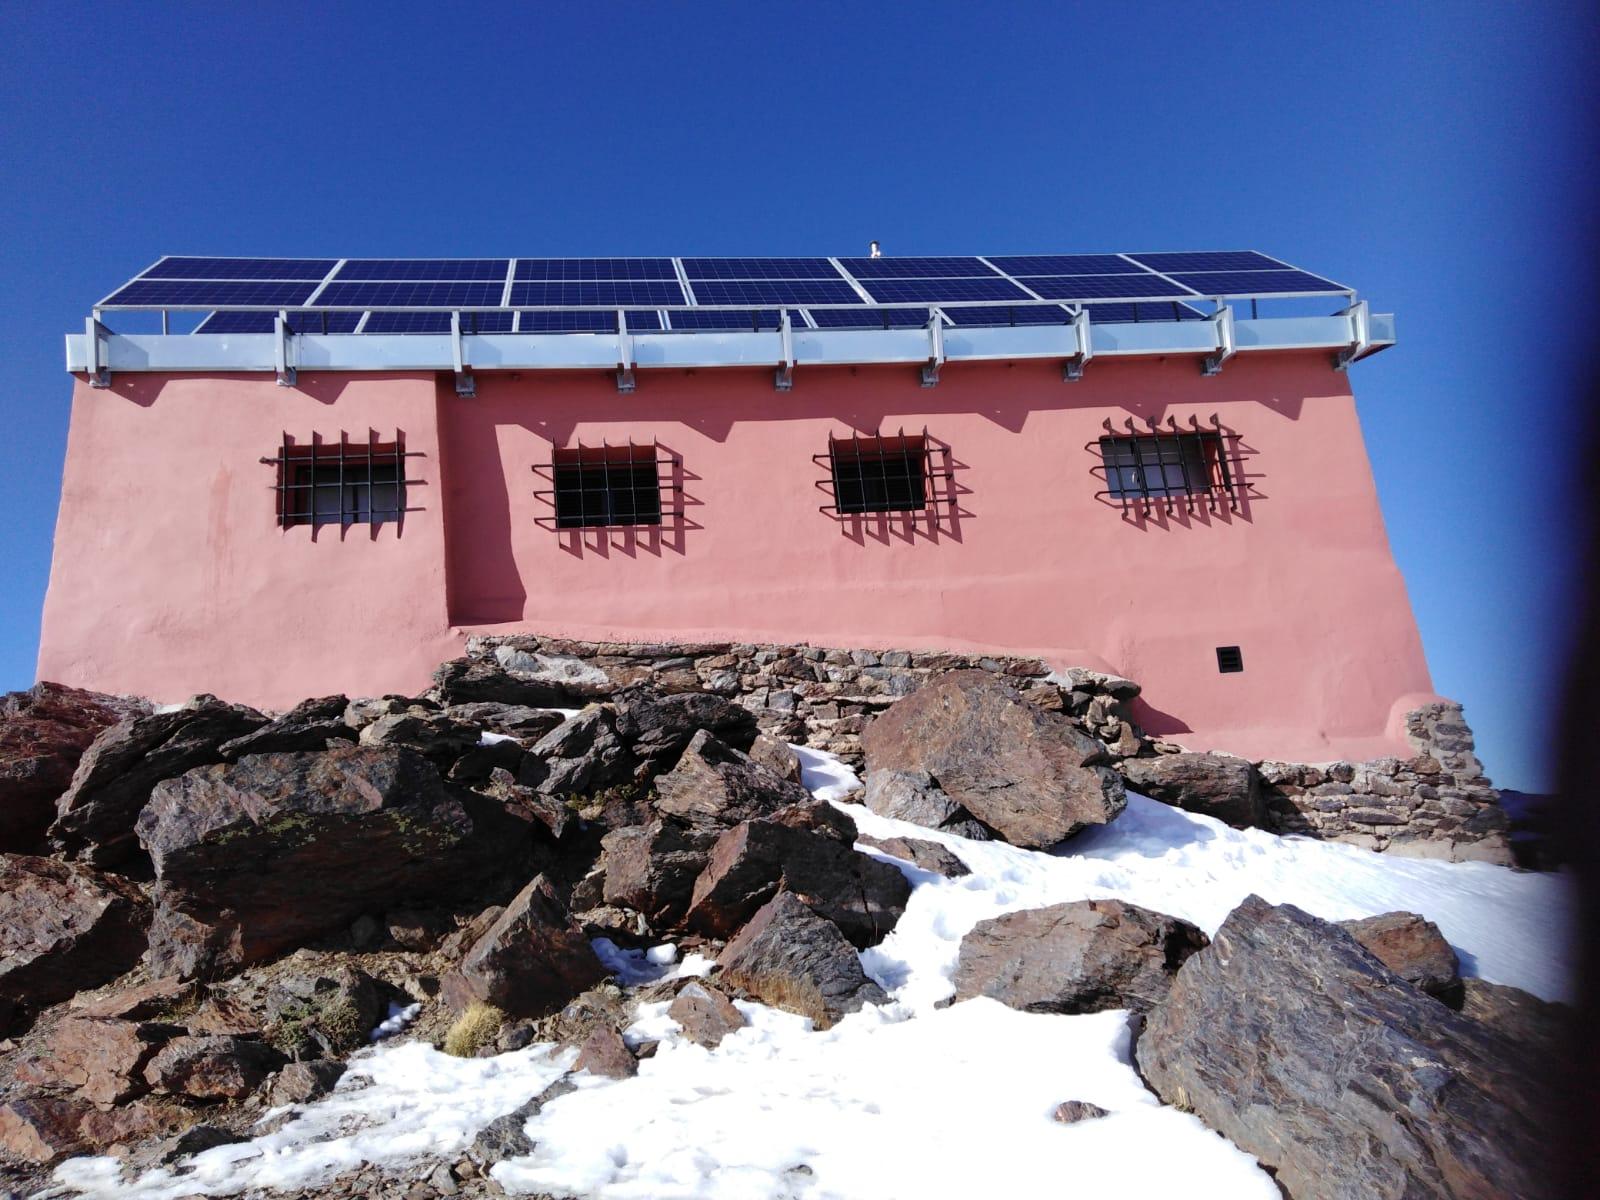 Instalacion Placas Solares Sierra Nevada 04